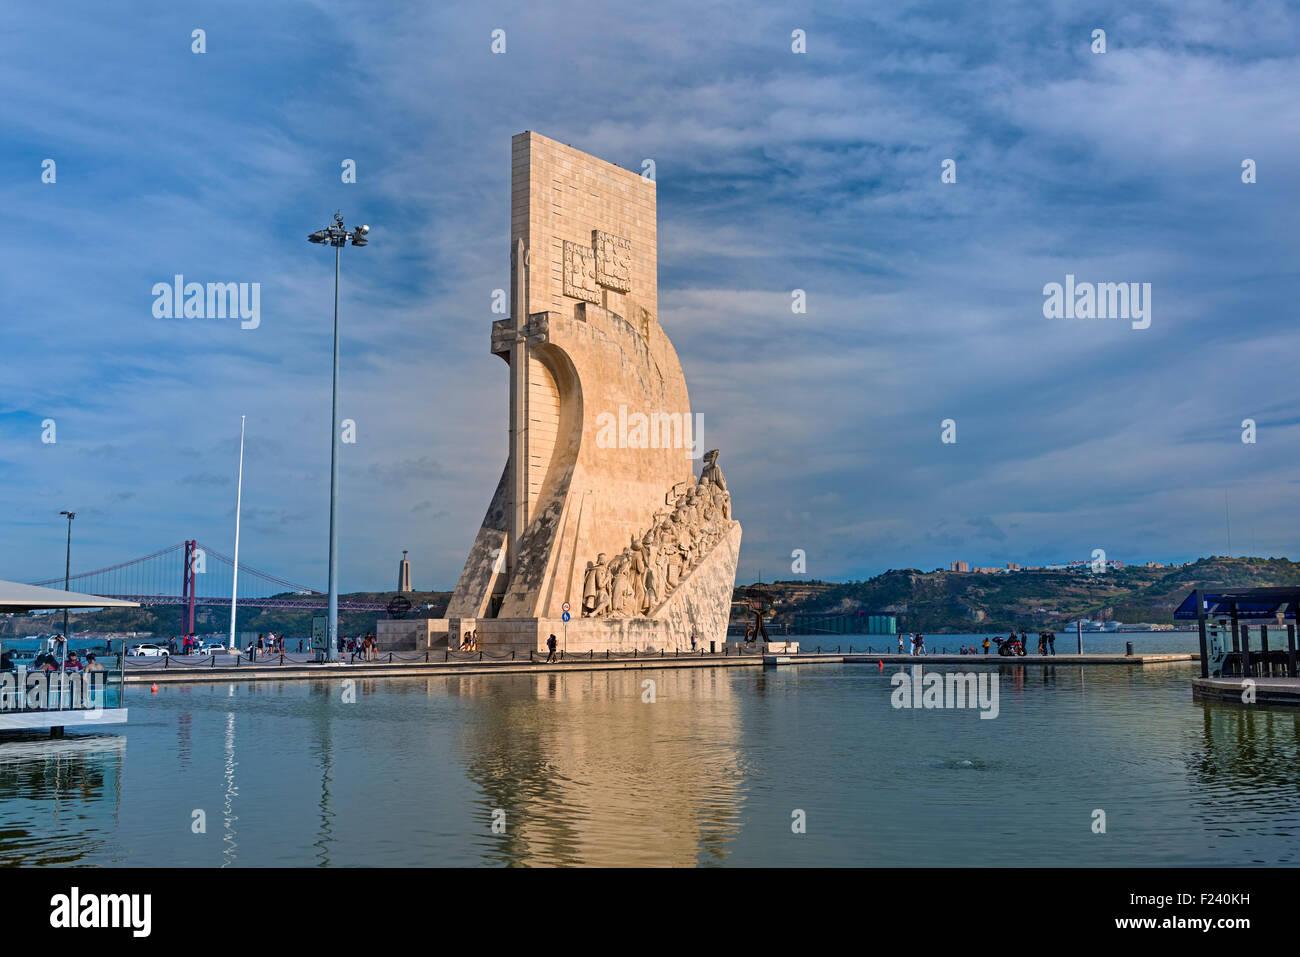 Il Monumento delle Scoperte, Belem Lisbona Portogallo Immagini Stock